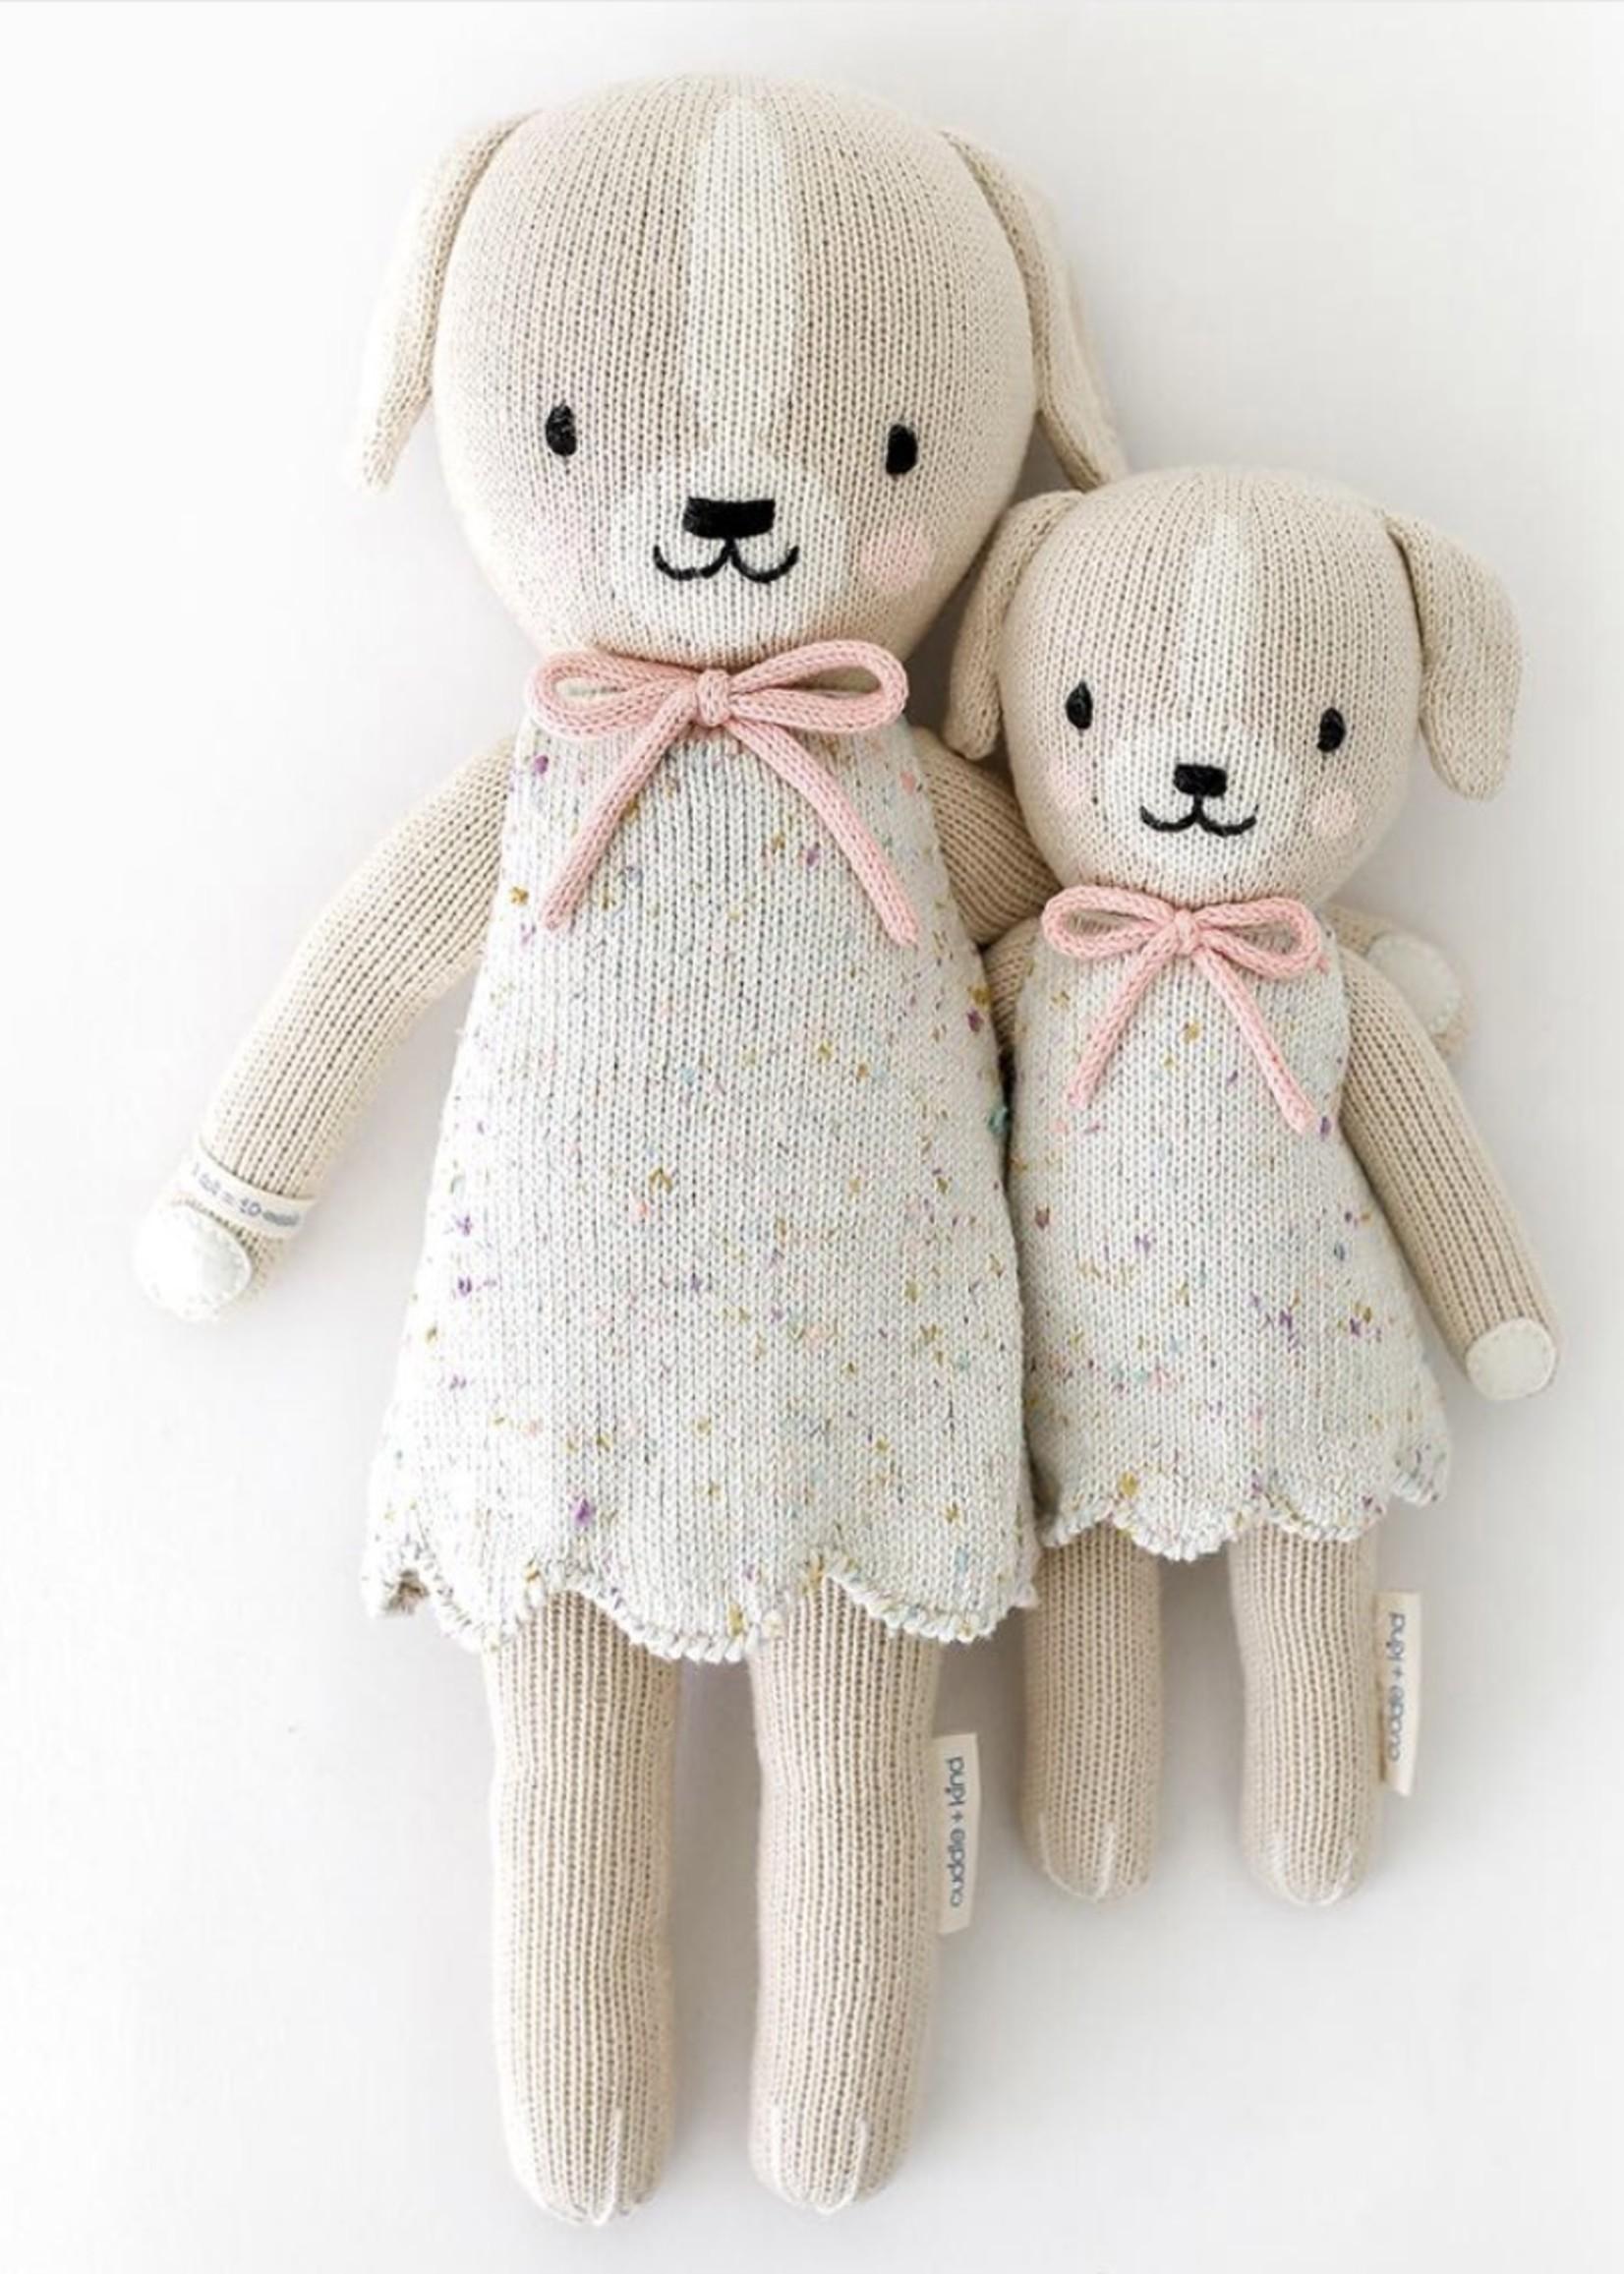 cuddle + kind Mini Dog Knit Doll MIA